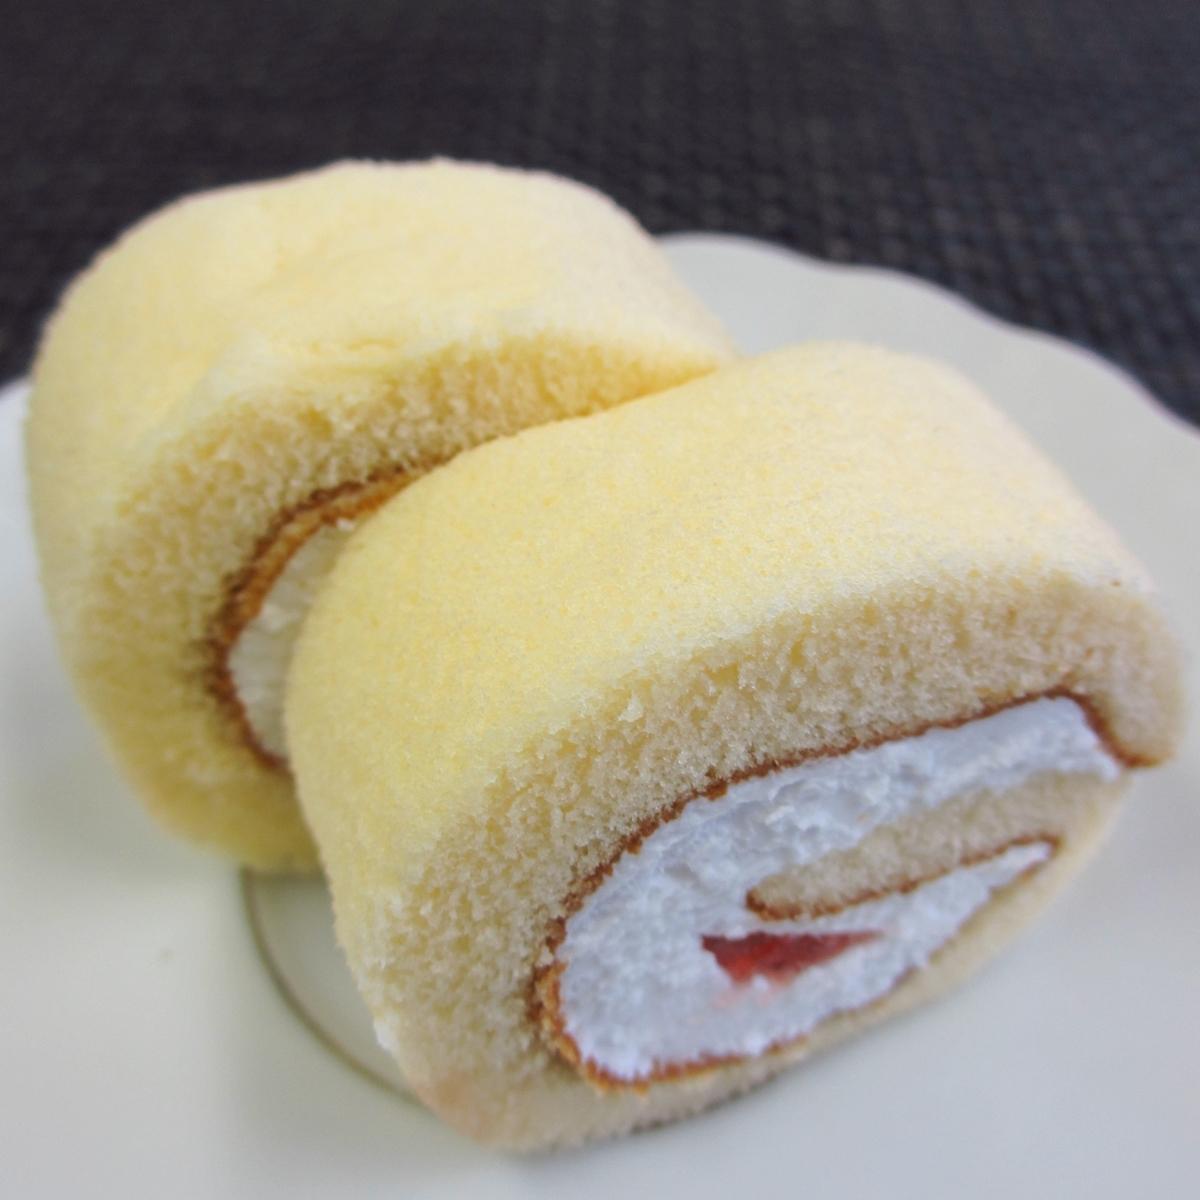 イチゴのロールケーキ20150627 (3)